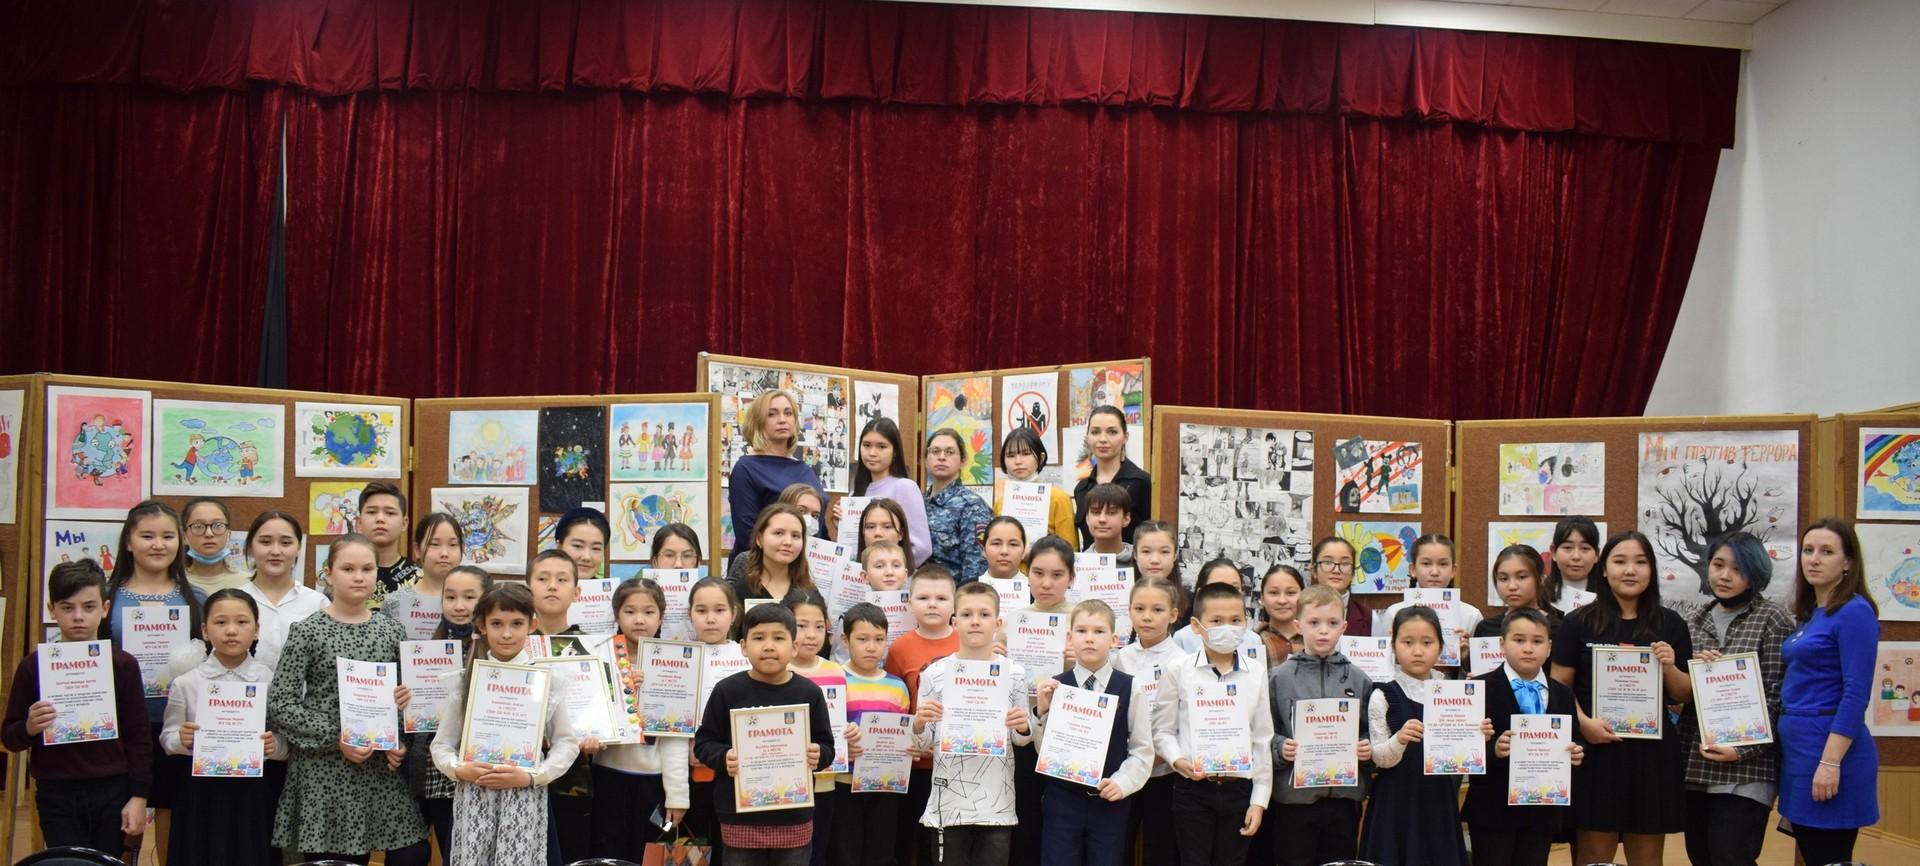 Подведены итоги городского творческого конкурса на антиэкстремистскую и антитеррористическую тематику среди детей и молодёжи